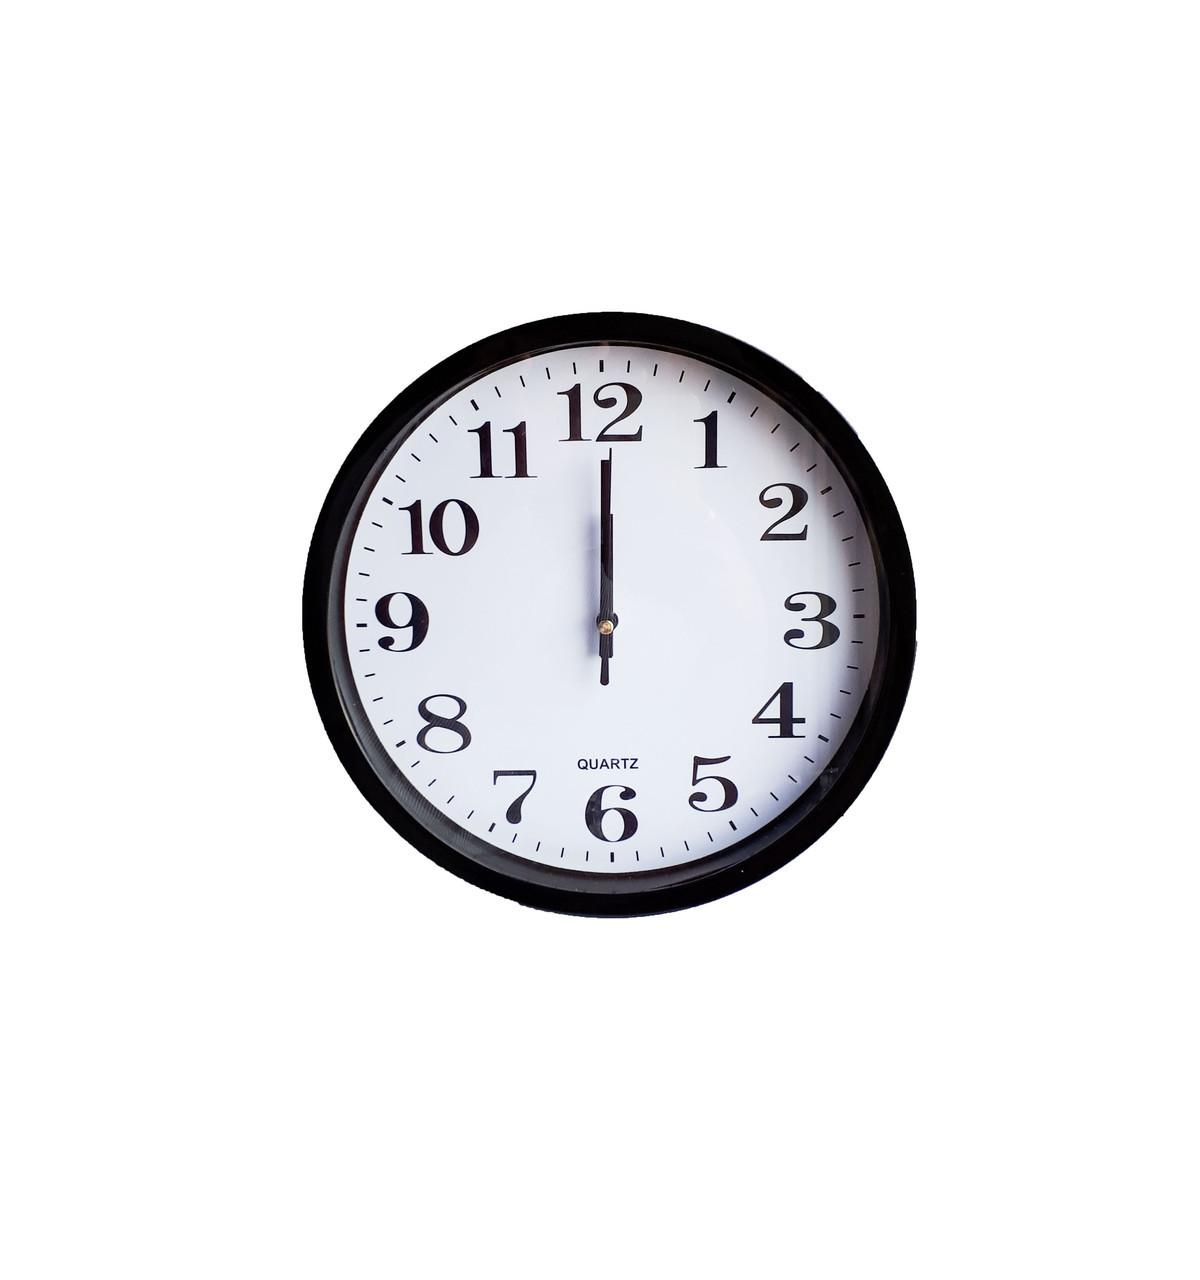 Часы настенные круглые Abir 200BL с плоской окружностью. опт